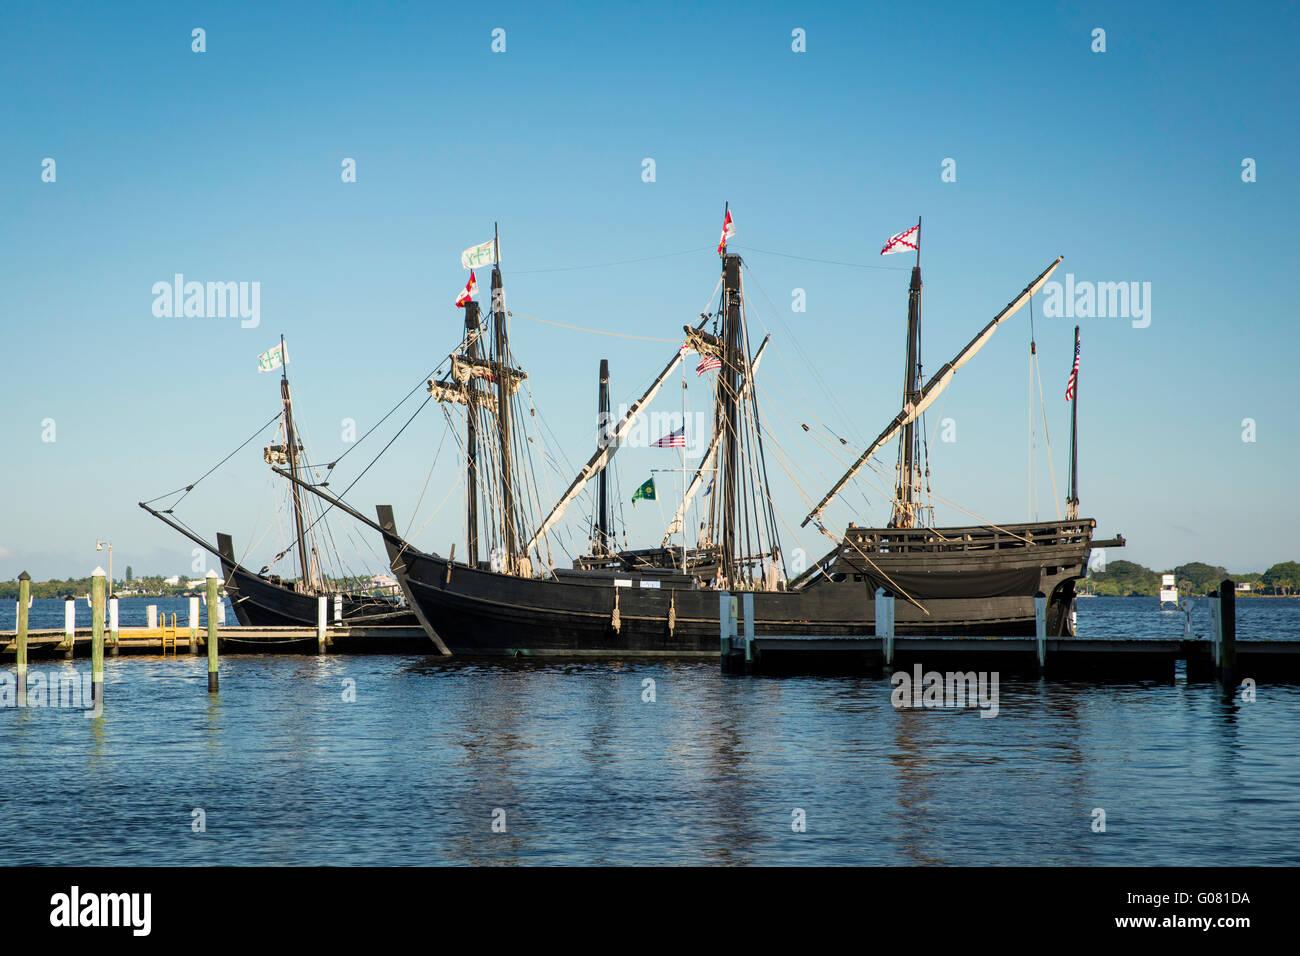 Repliche di Christopher Columbus' navi, Nina e pinta ancorata in ft myers, Florida, Stati Uniti d'America Immagini Stock